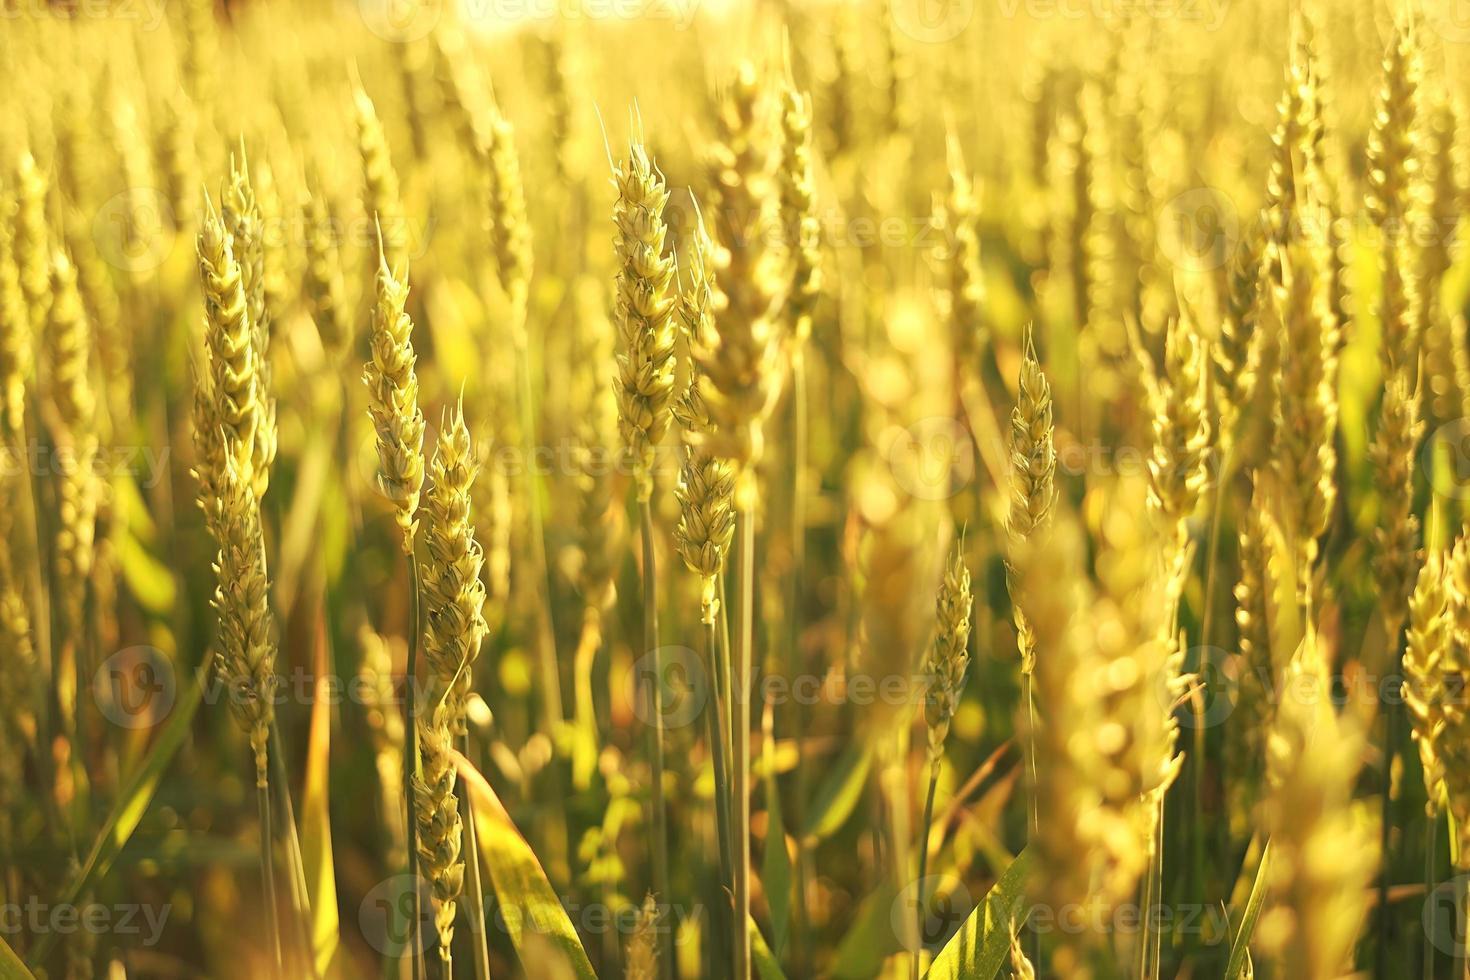 Weizenfeld bei Sonnenschein. foto